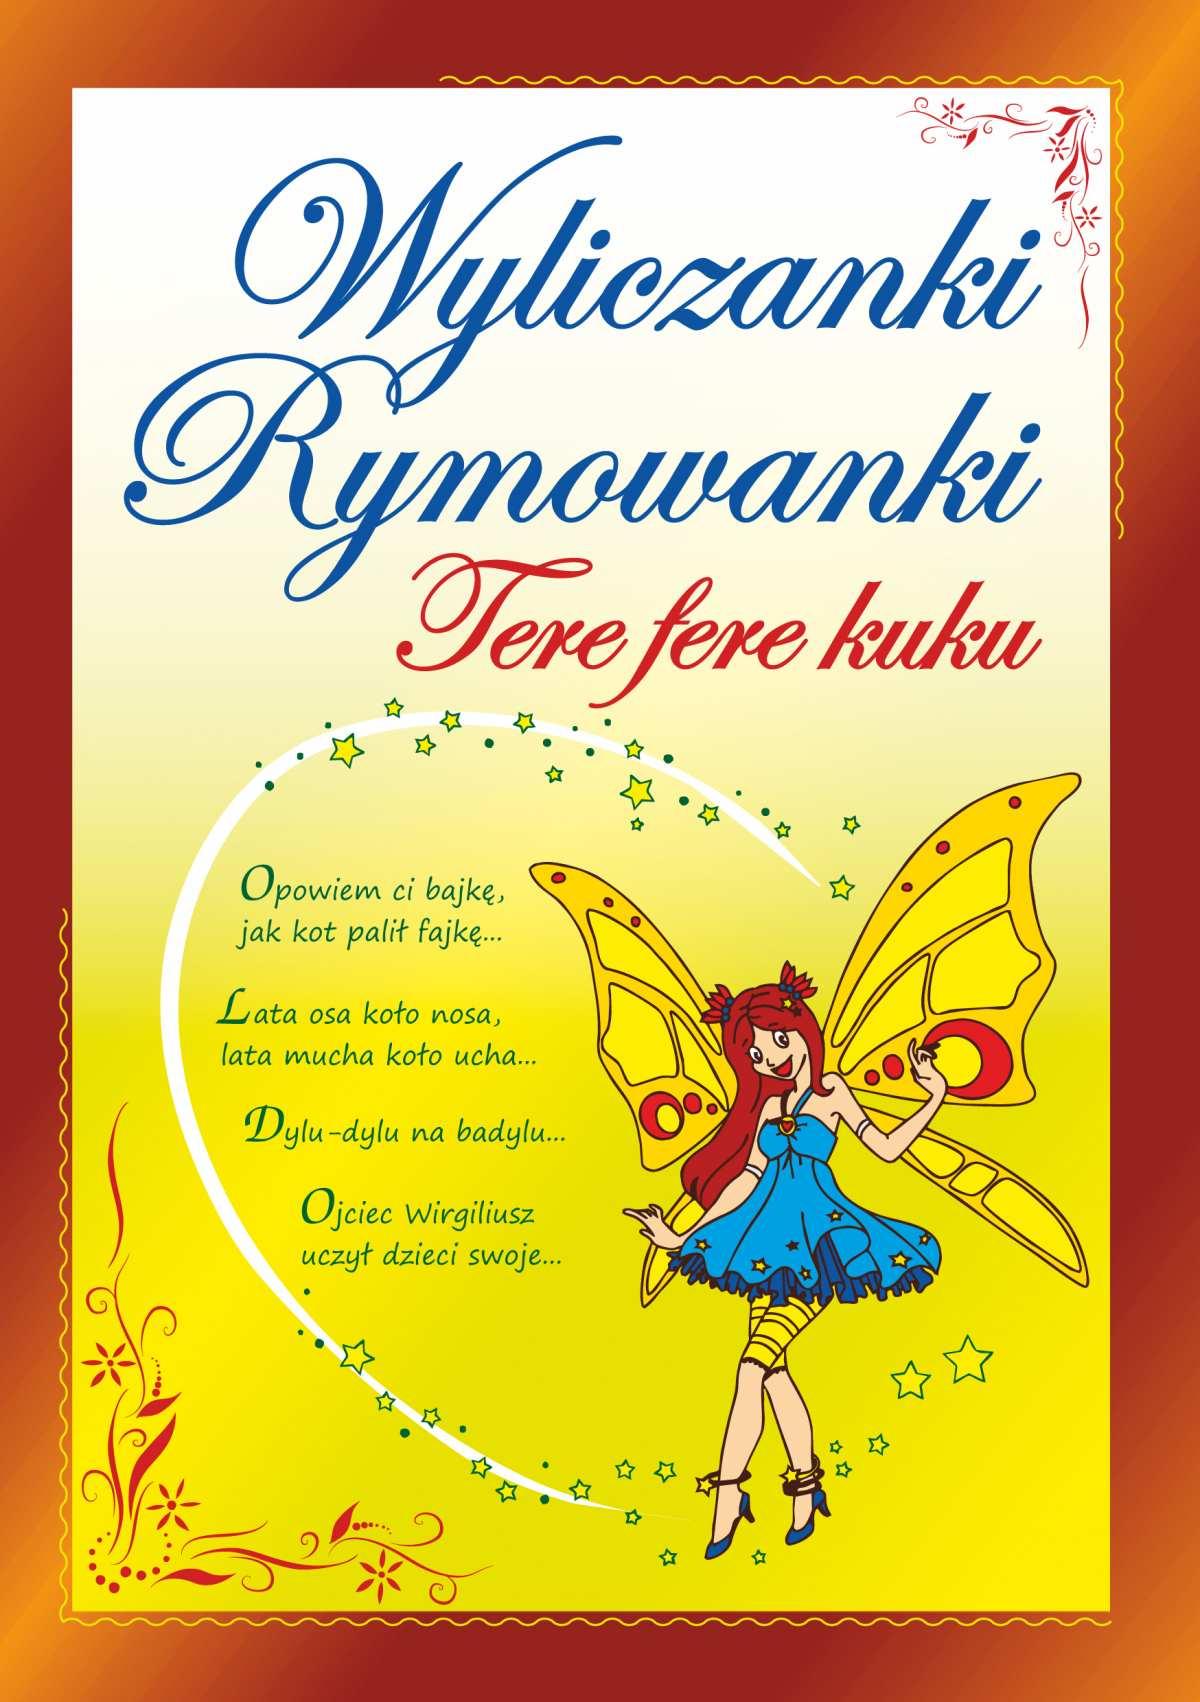 Wyliczanki. Rymowanki. Tere fere kuku - Ebook (Książka PDF) do pobrania w formacie PDF